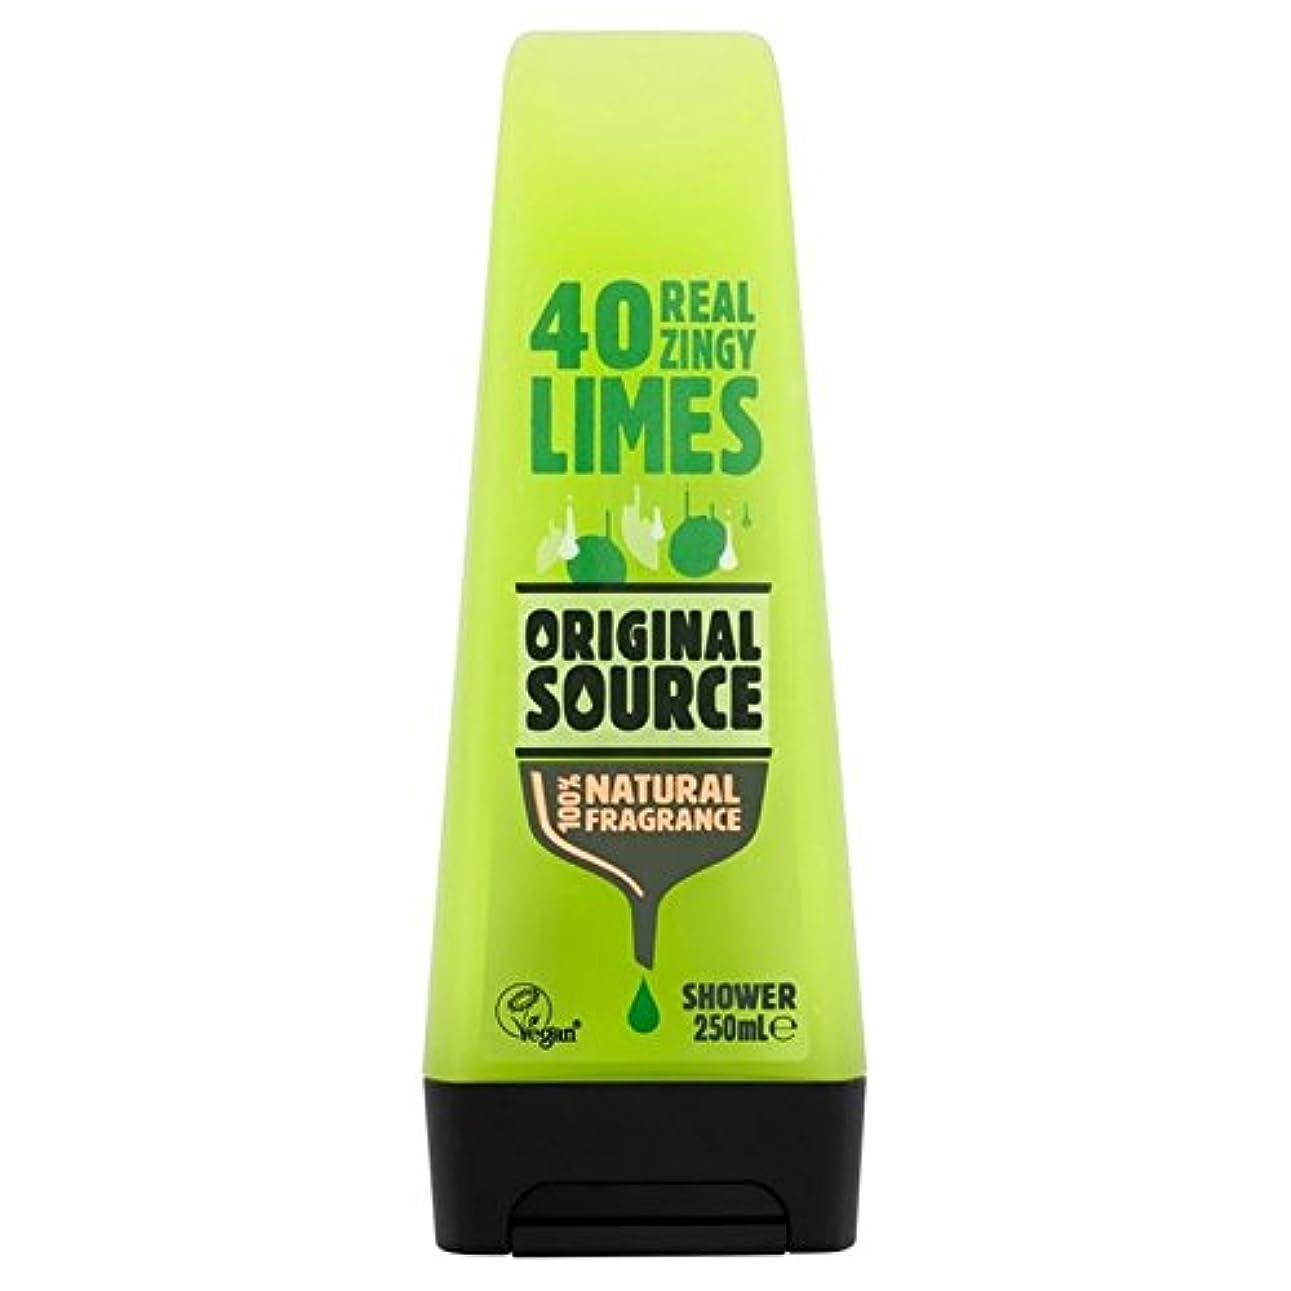 郡鳩寛容元のソースライムシャワージェル250ミリリットル x2 - Original Source Lime Shower Gel 250ml (Pack of 2) [並行輸入品]